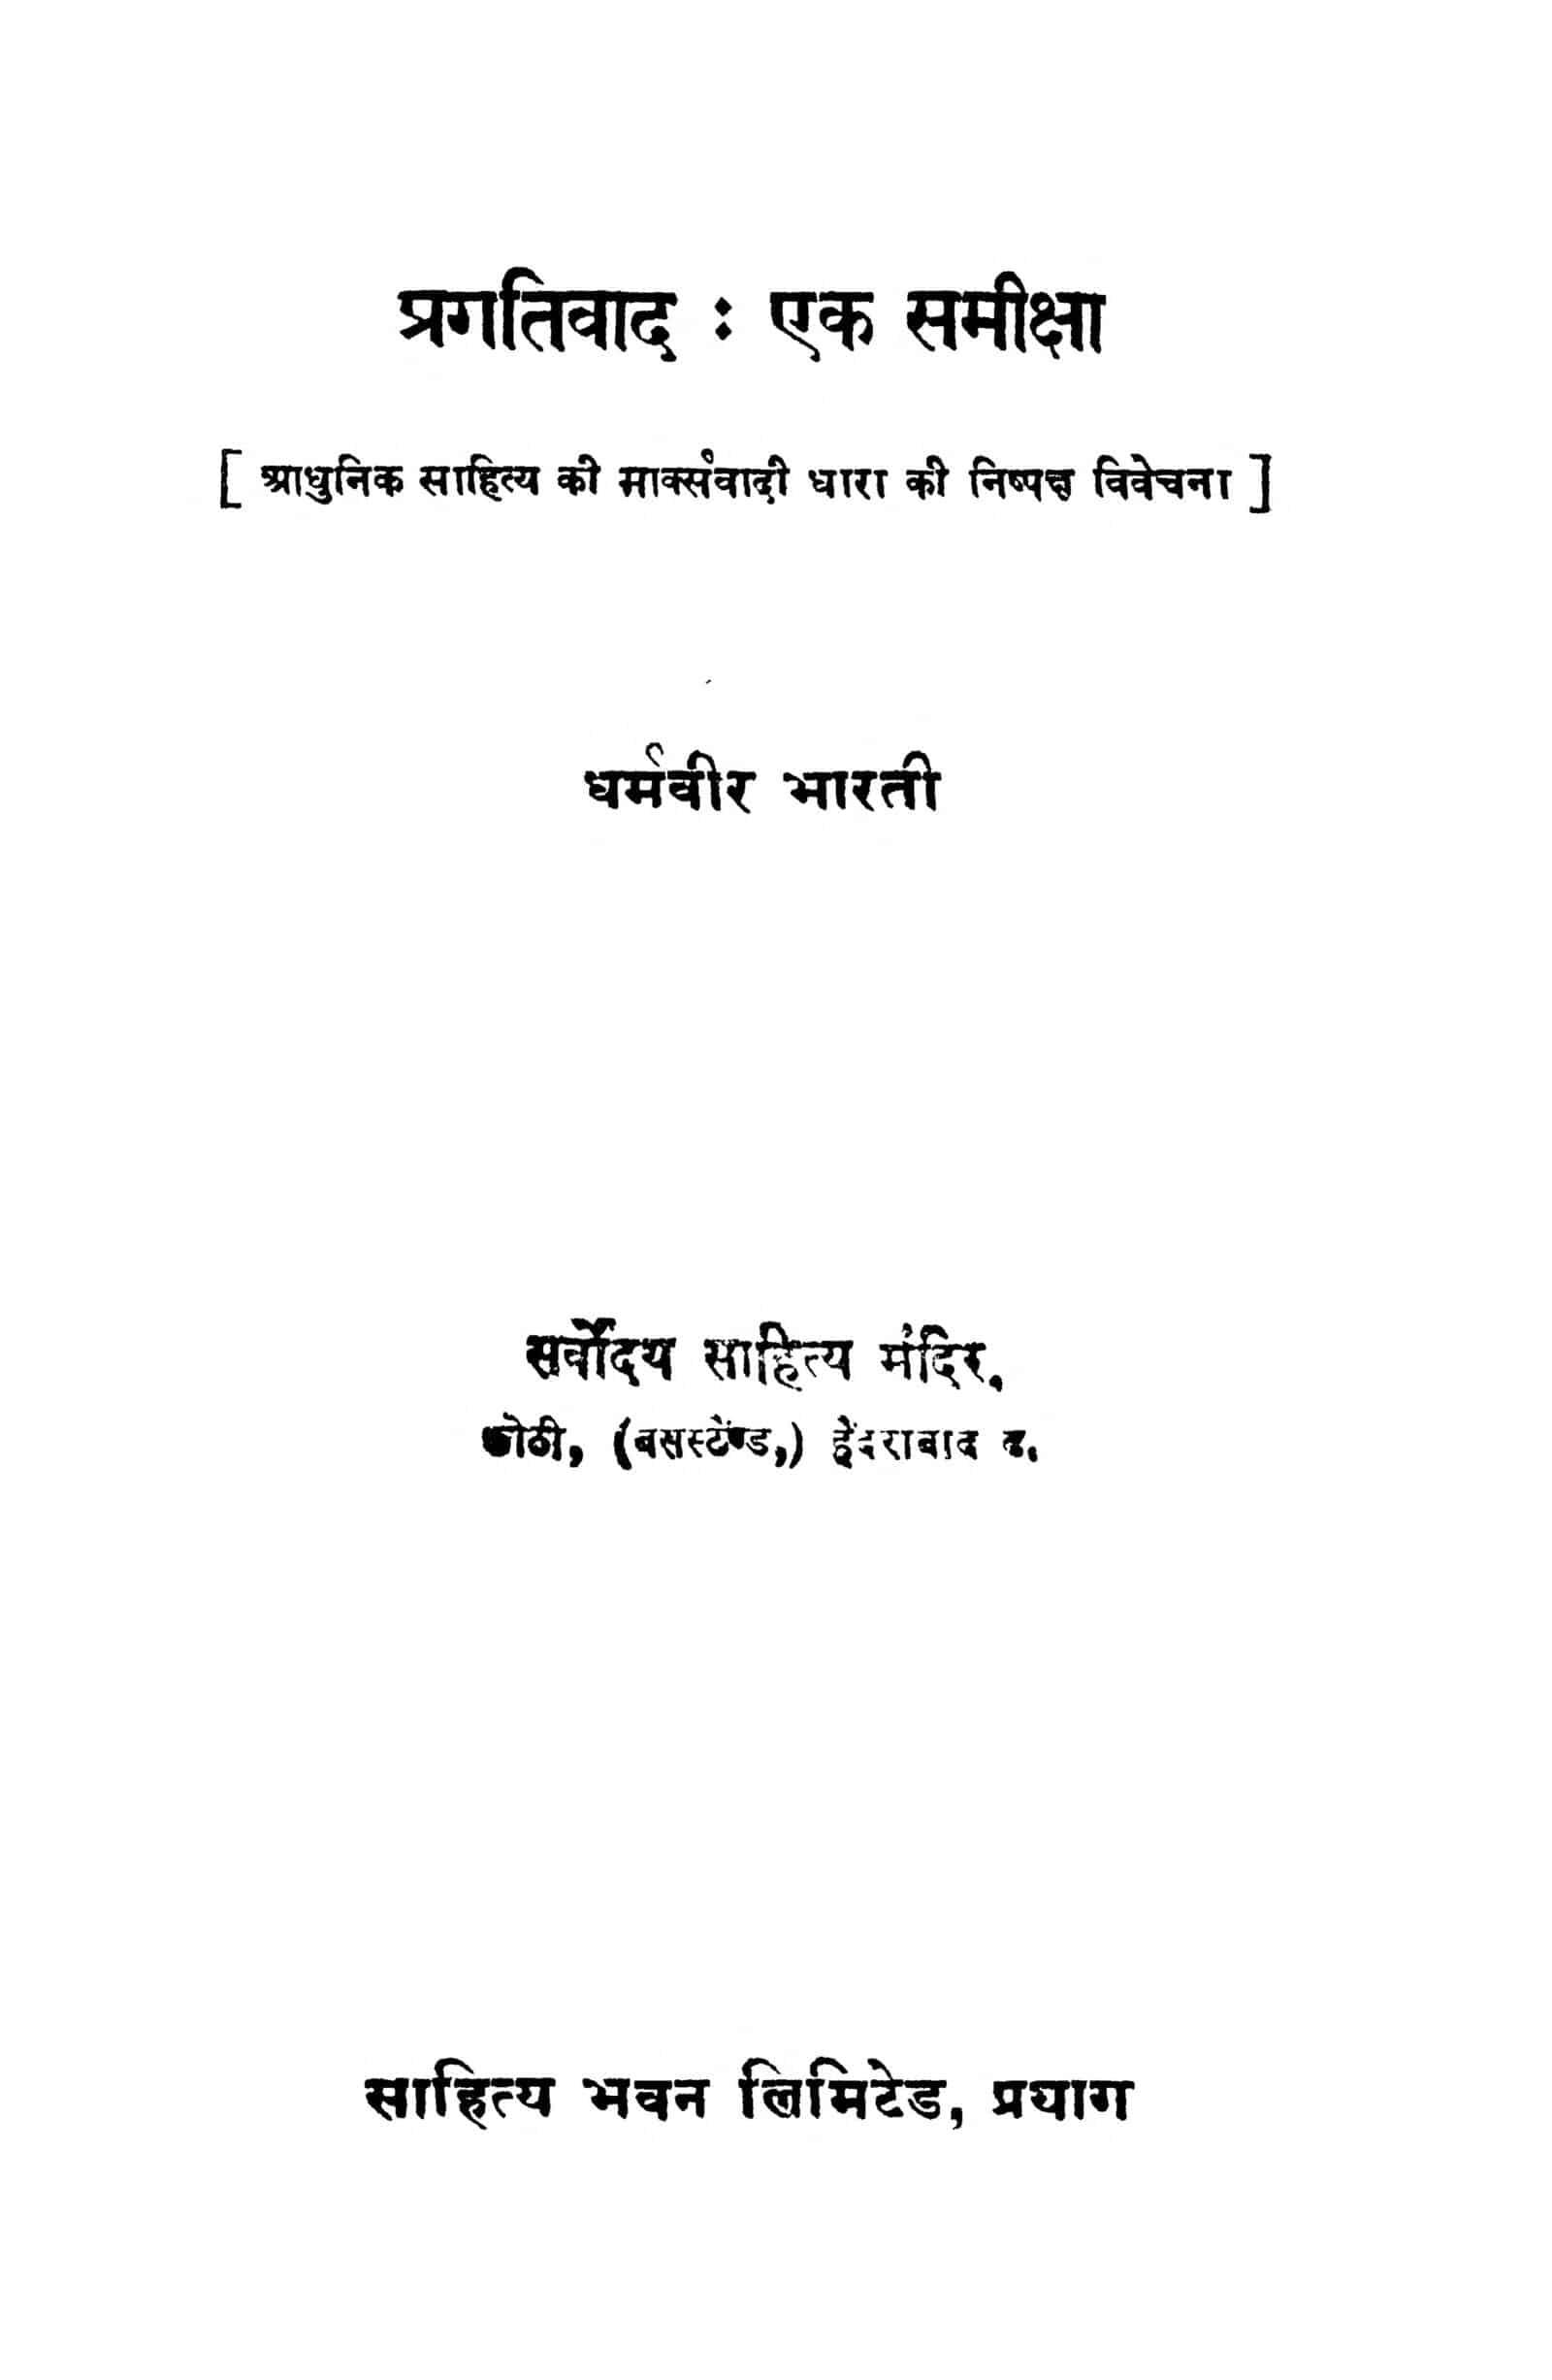 Book Image : प्रगतिवाद एक समीक्षा - Pragativad Ek Samixa